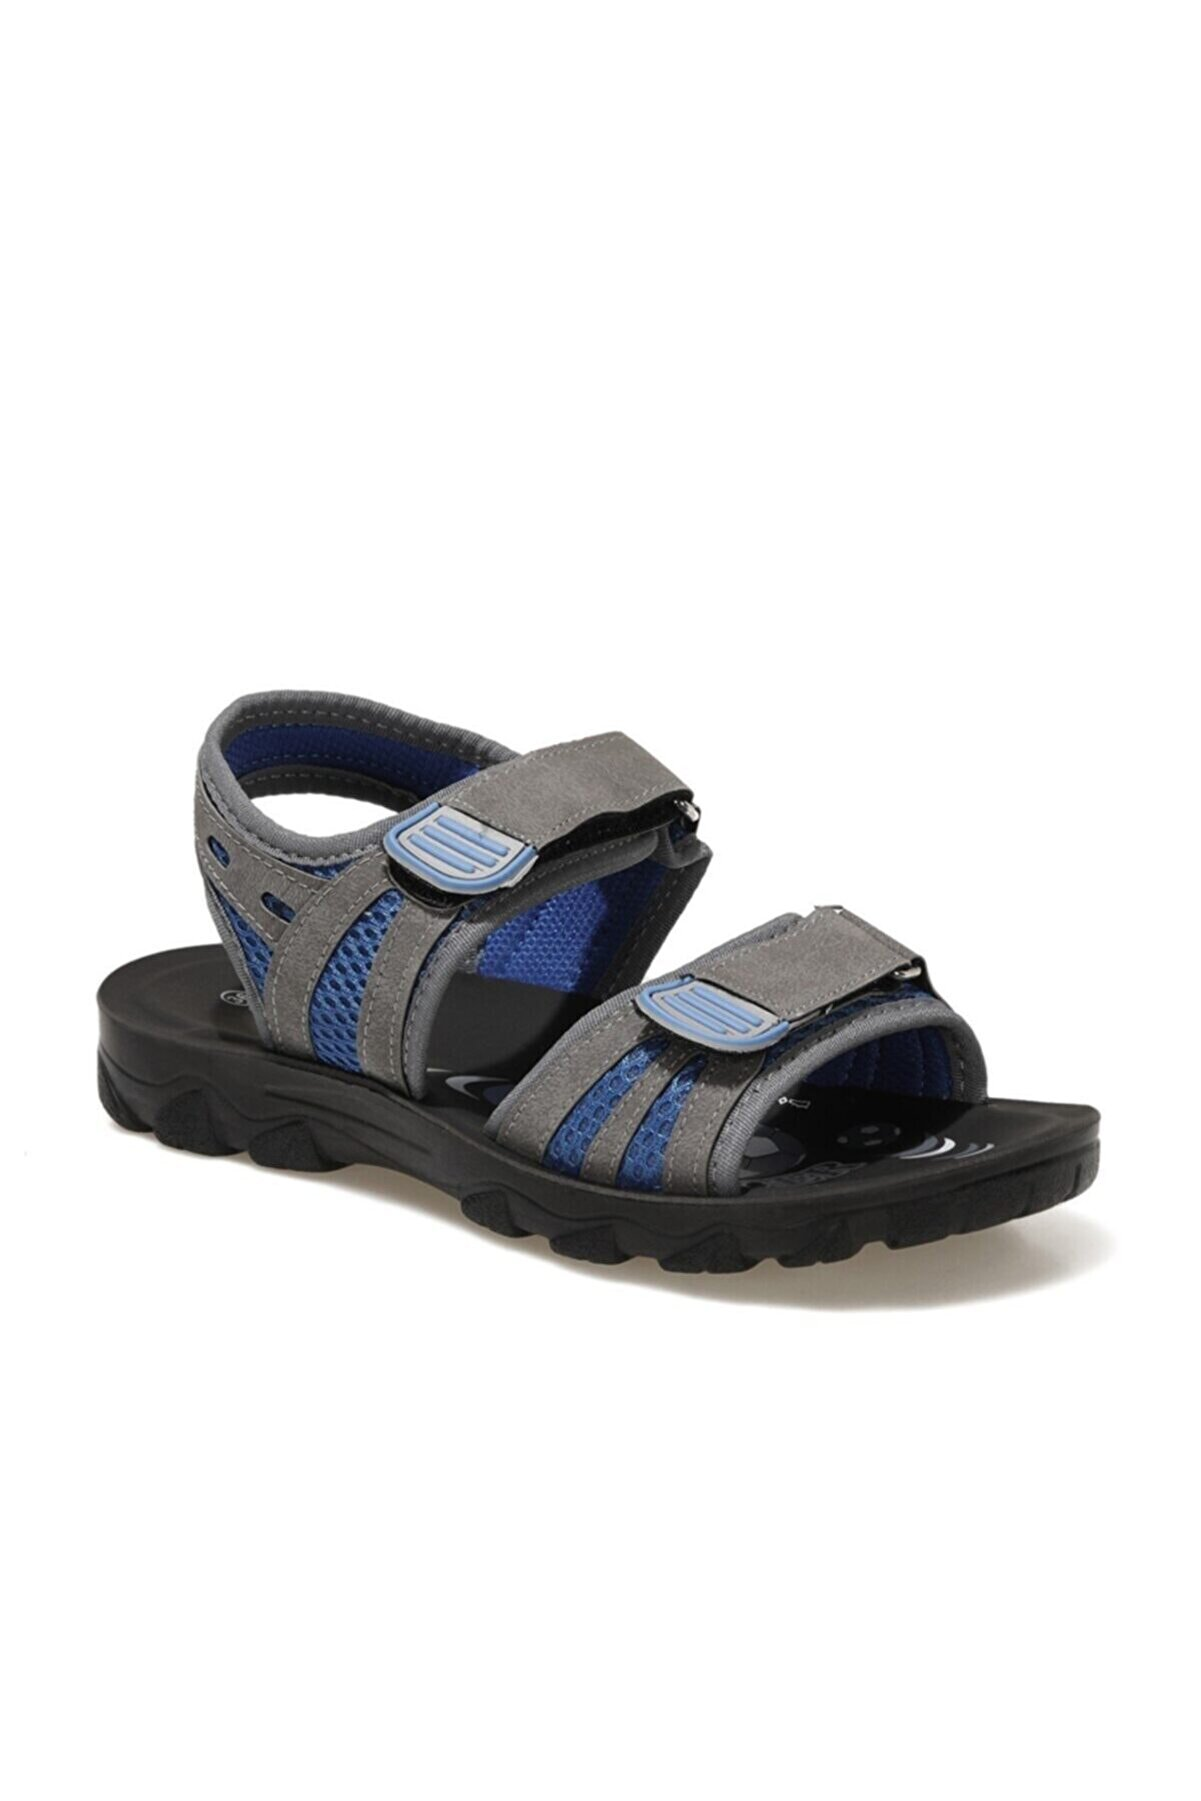 Polaris 510358.G1FX Gri Erkek Çocuk Sandalet 101022978